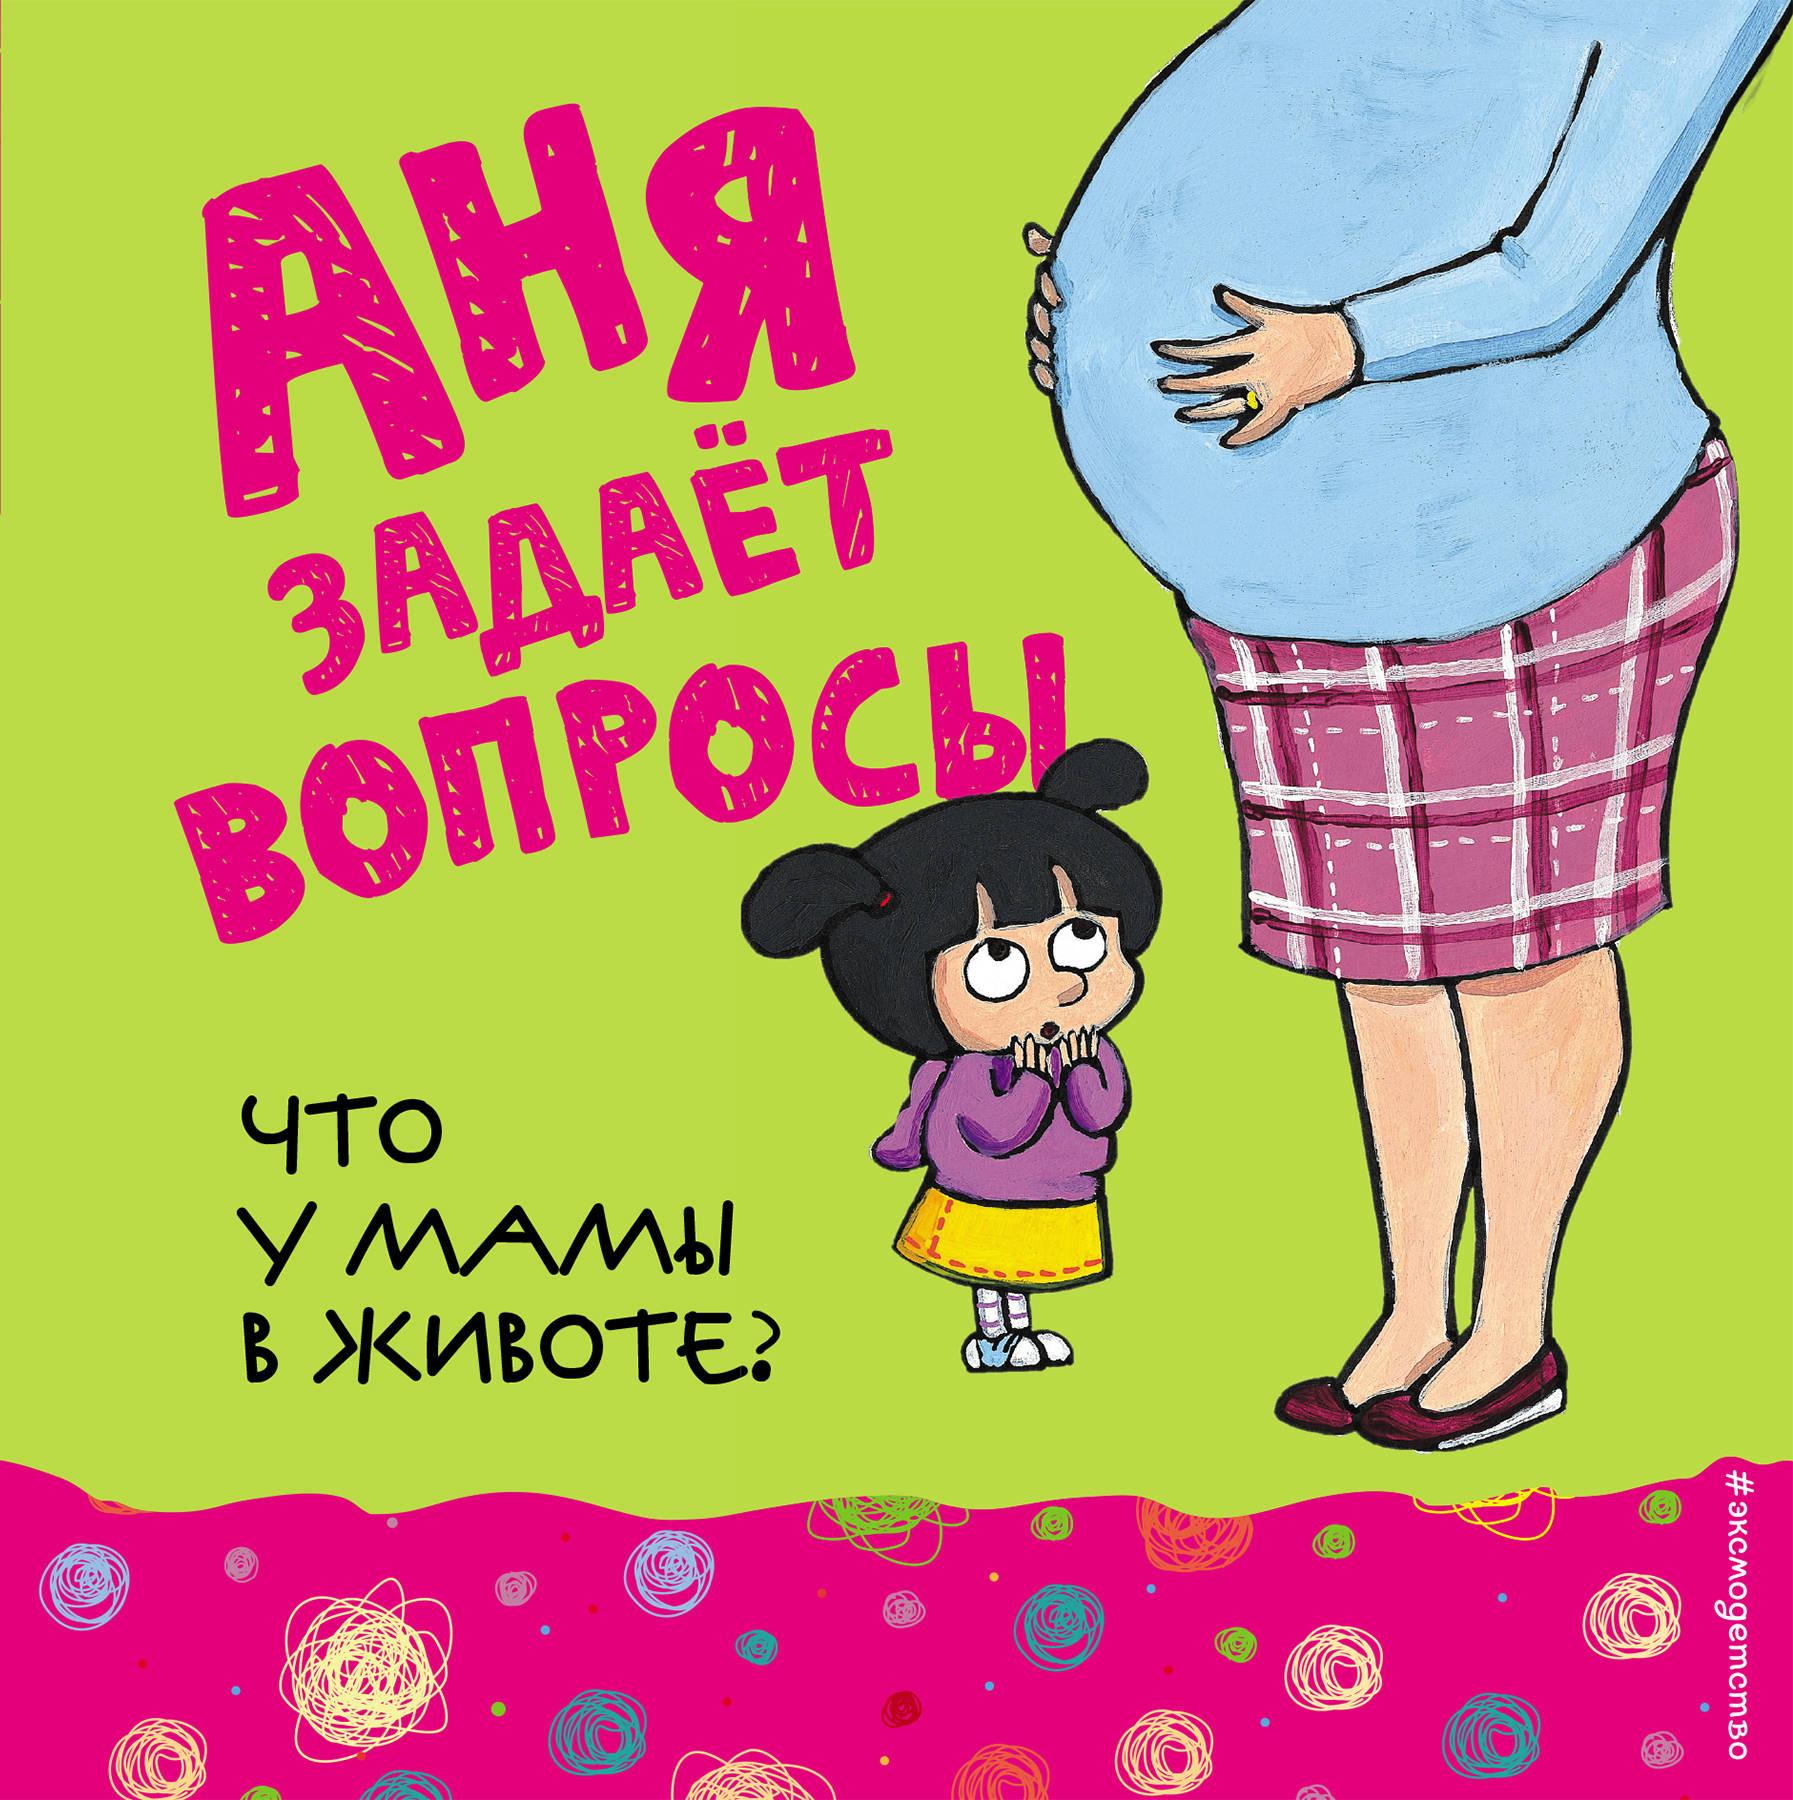 Что у мамы в животе?